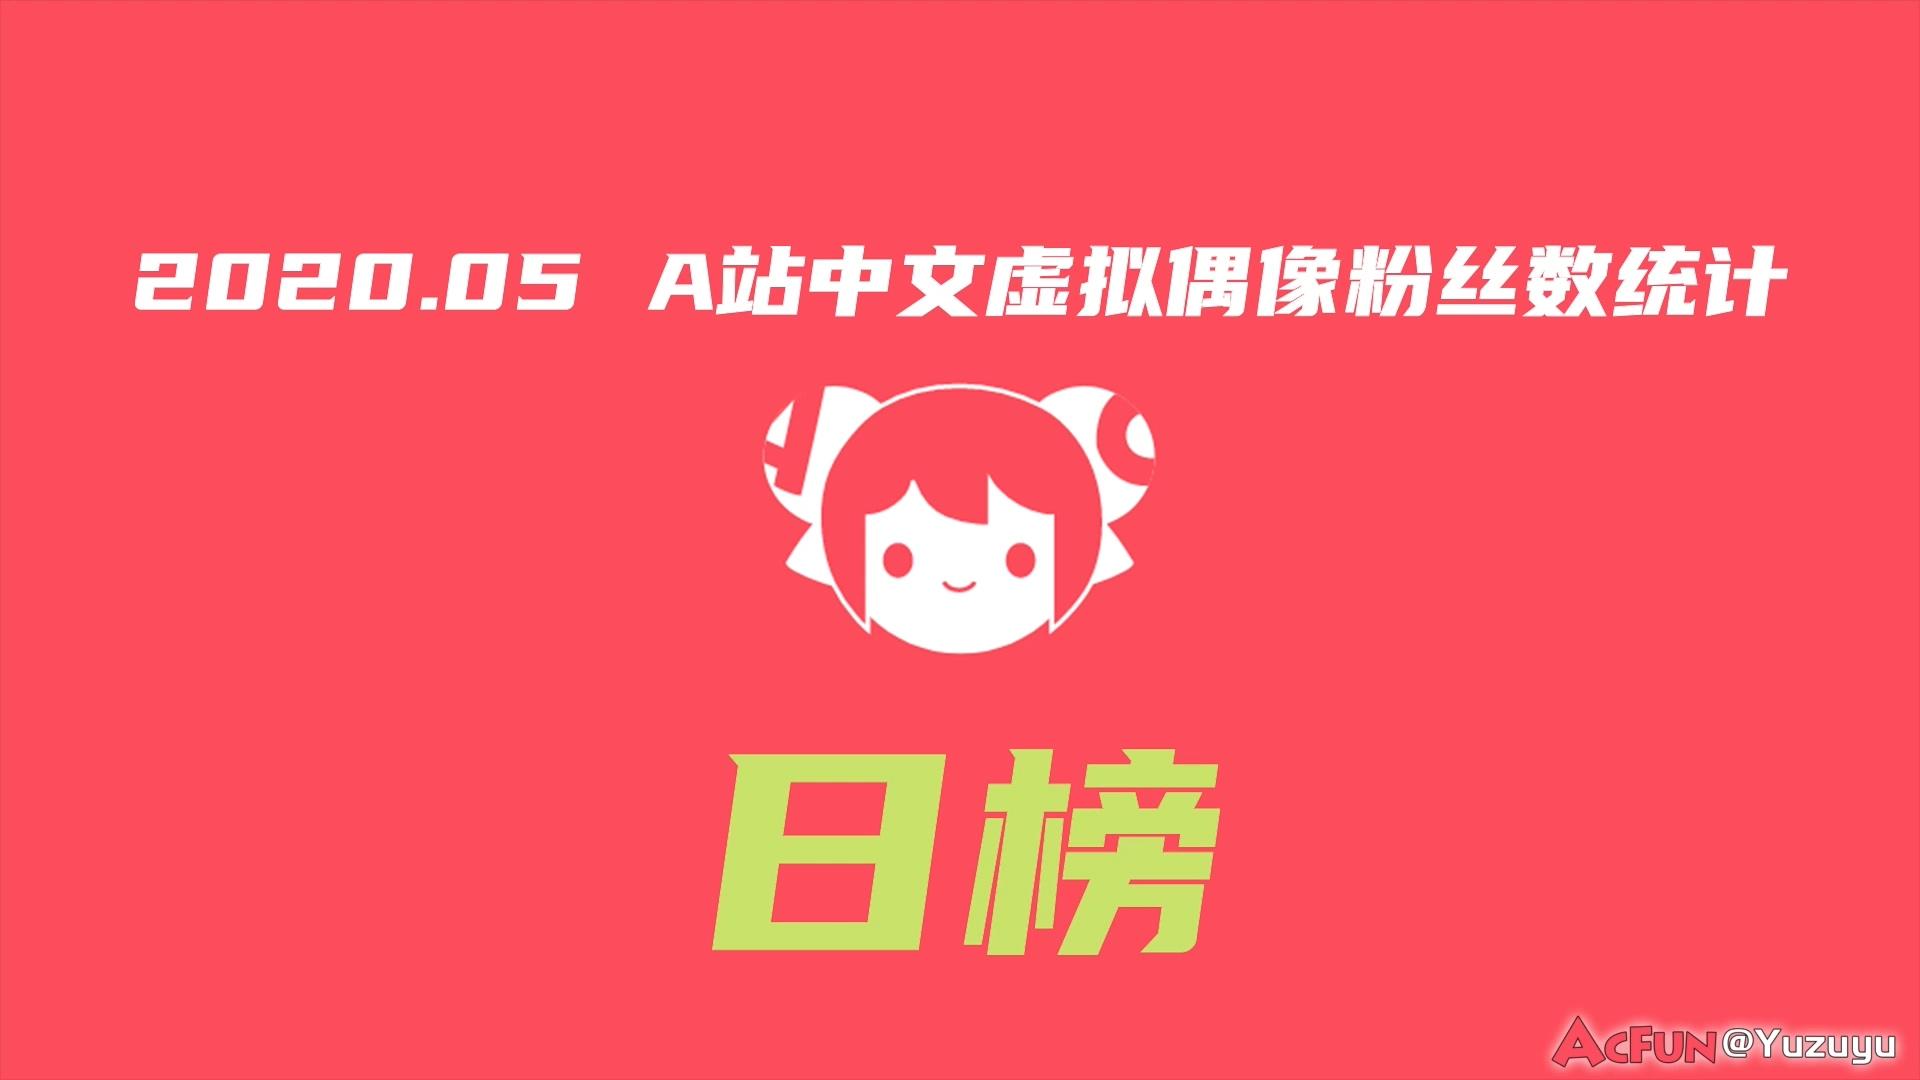 【2020年05月】A站中文虚拟偶像粉丝数排行榜